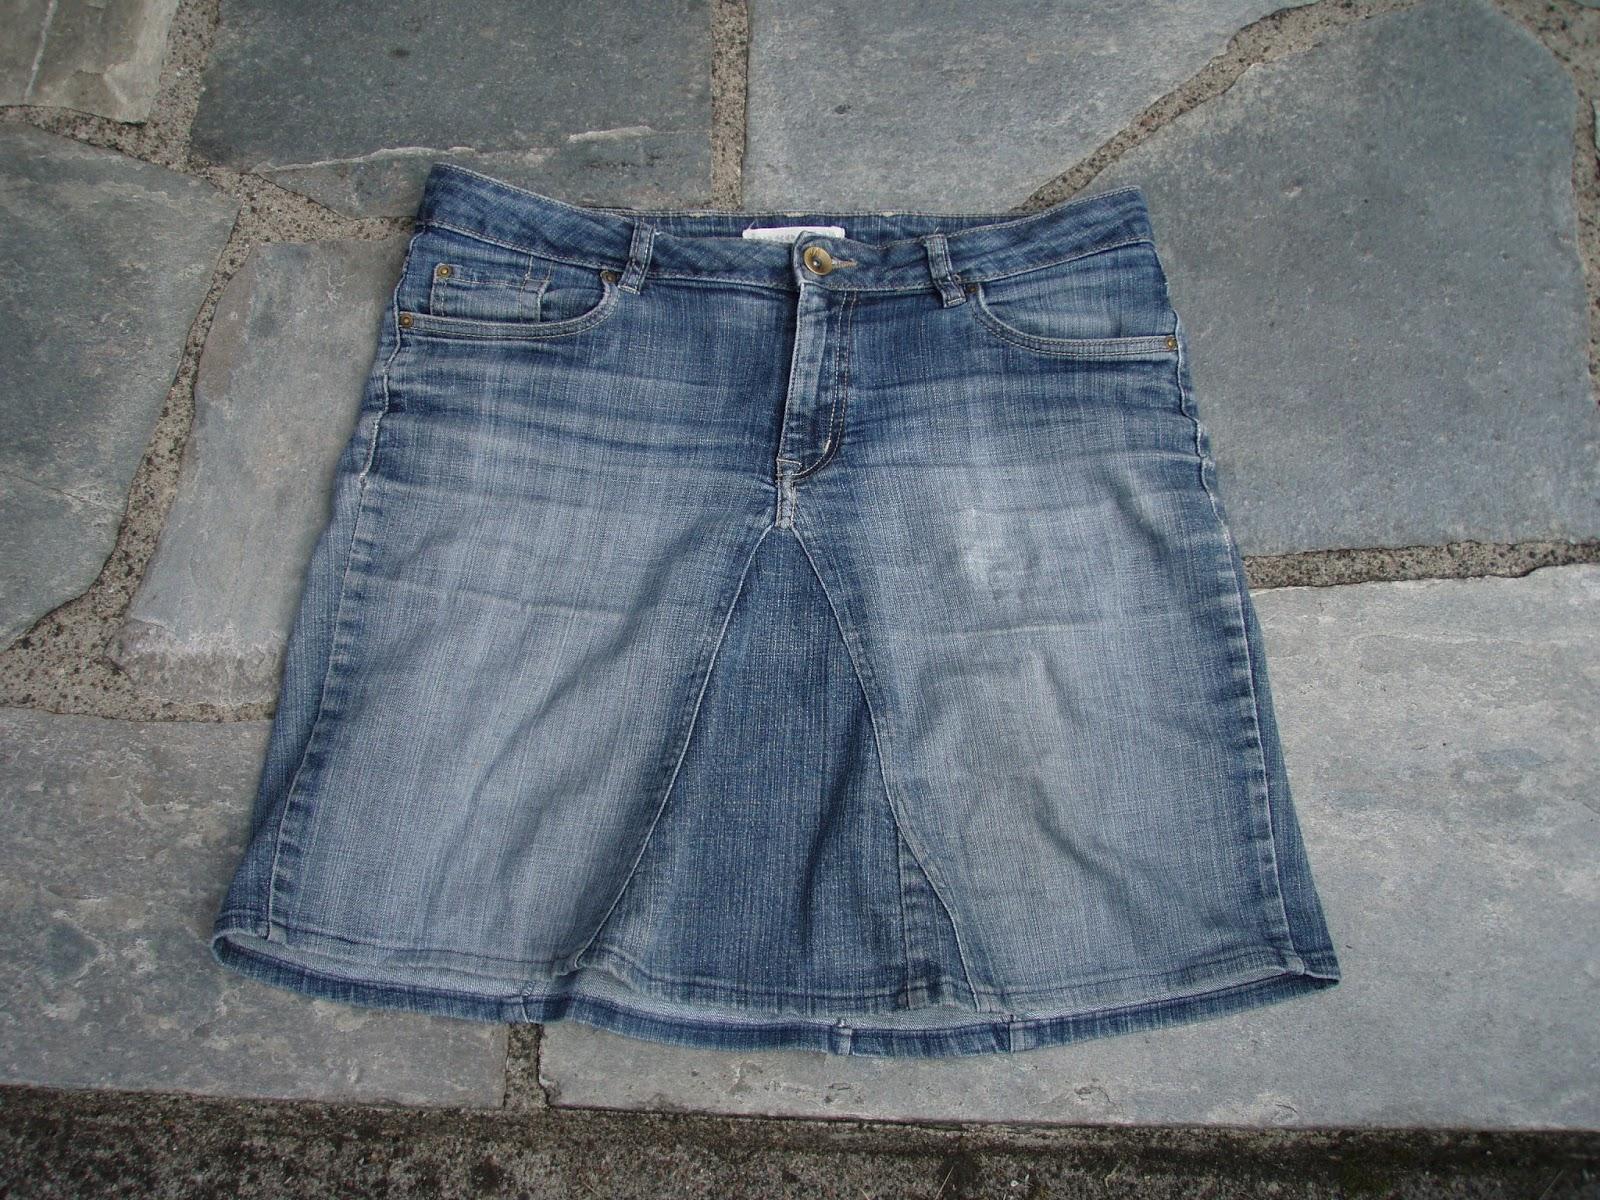 d5f7f114 Jeg sliter alltid buksene mine på innsiden av lårene (sånn er det når man  har tjukke lår!). Denne gamle buksa var av en litt videre modell enn det  jeg ...